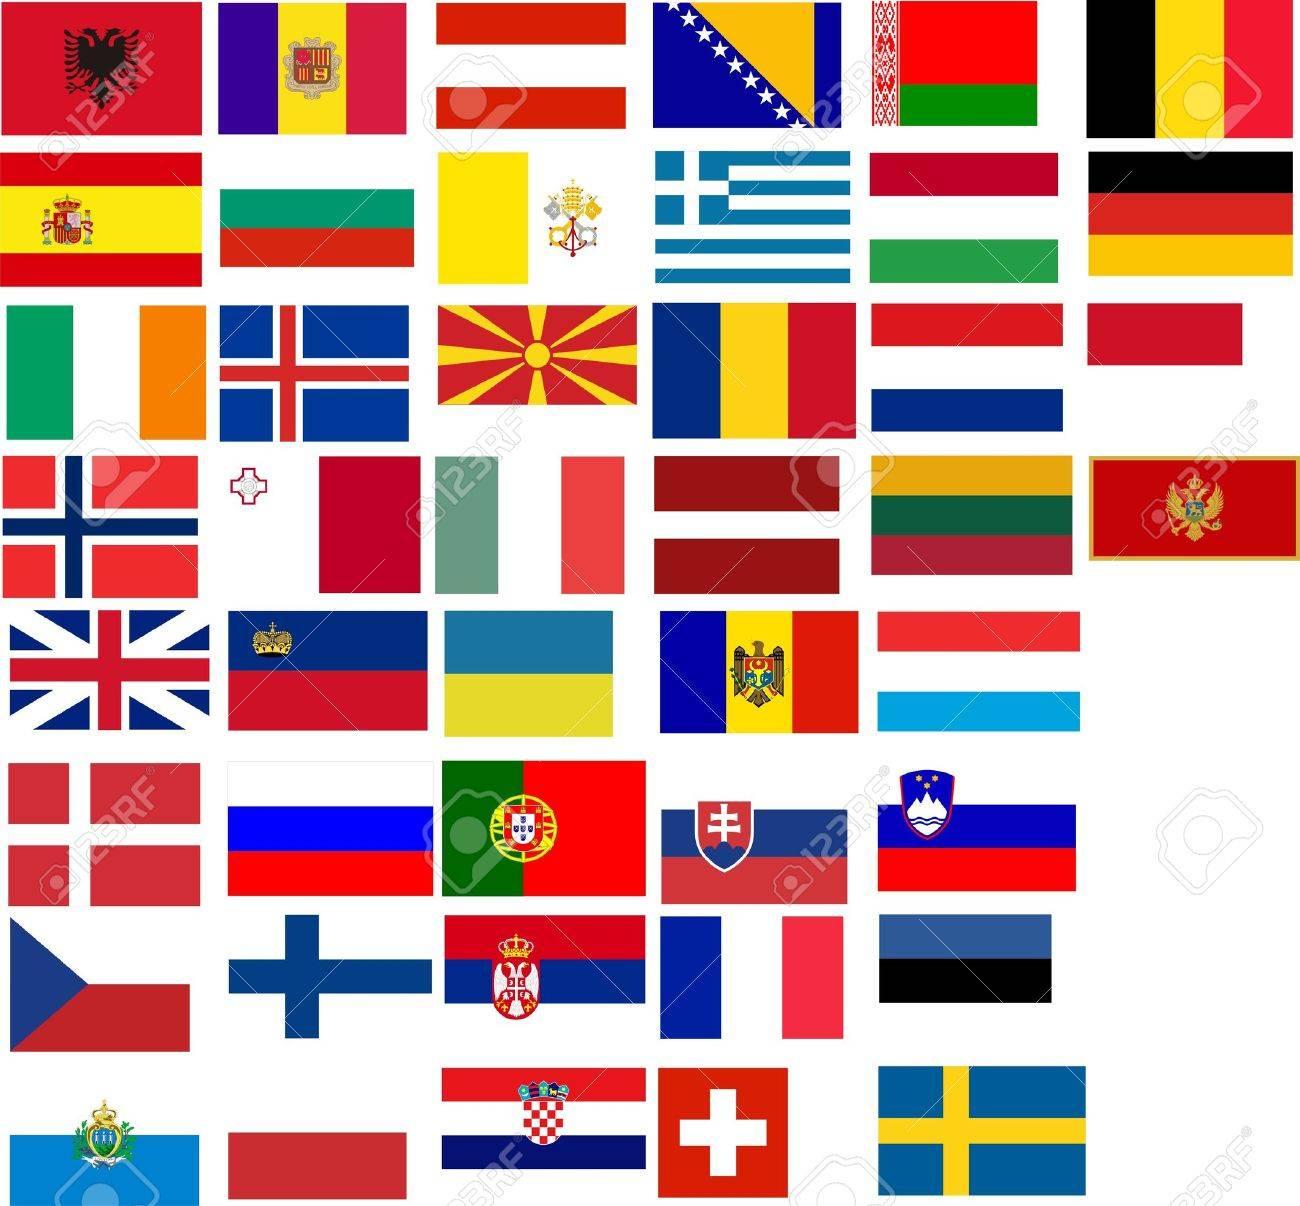 Drapeaux De Tous Les Pays Européens. Illustration Sur Fond Blanc destiné Tout Les Pays D Europe